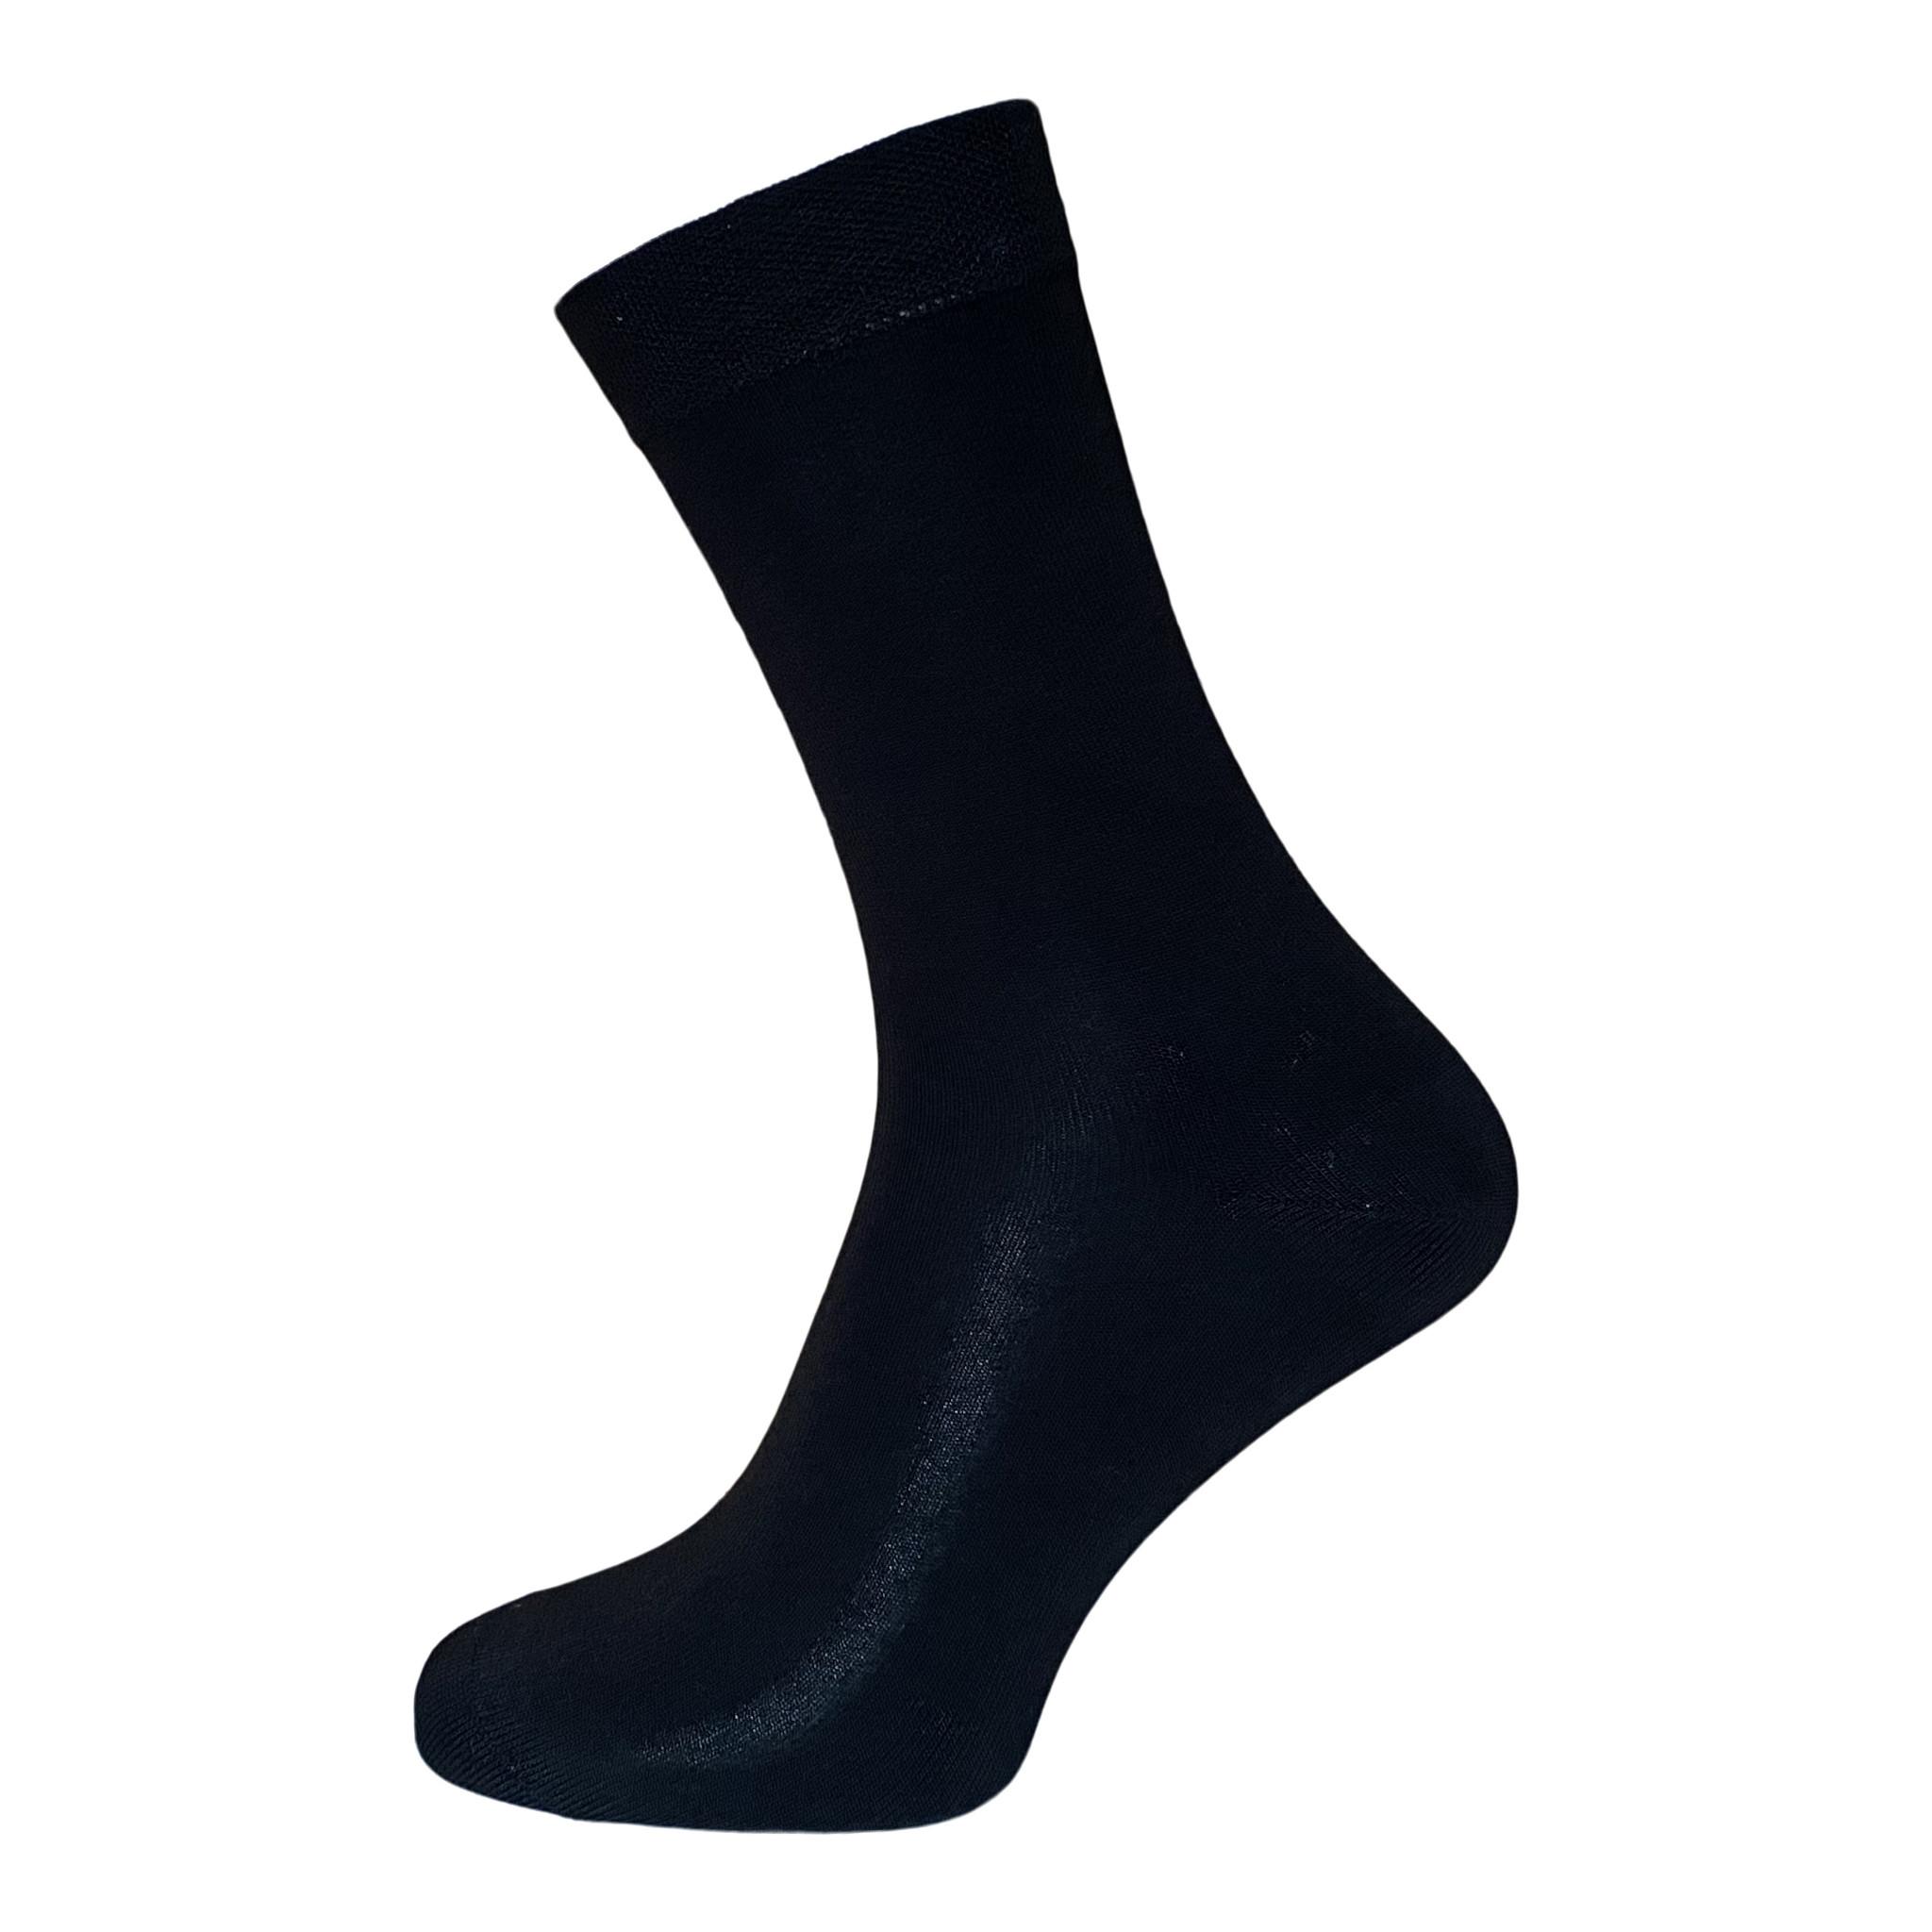 Boru sokken Boru Bamboe sokken - badstof zool - zwart